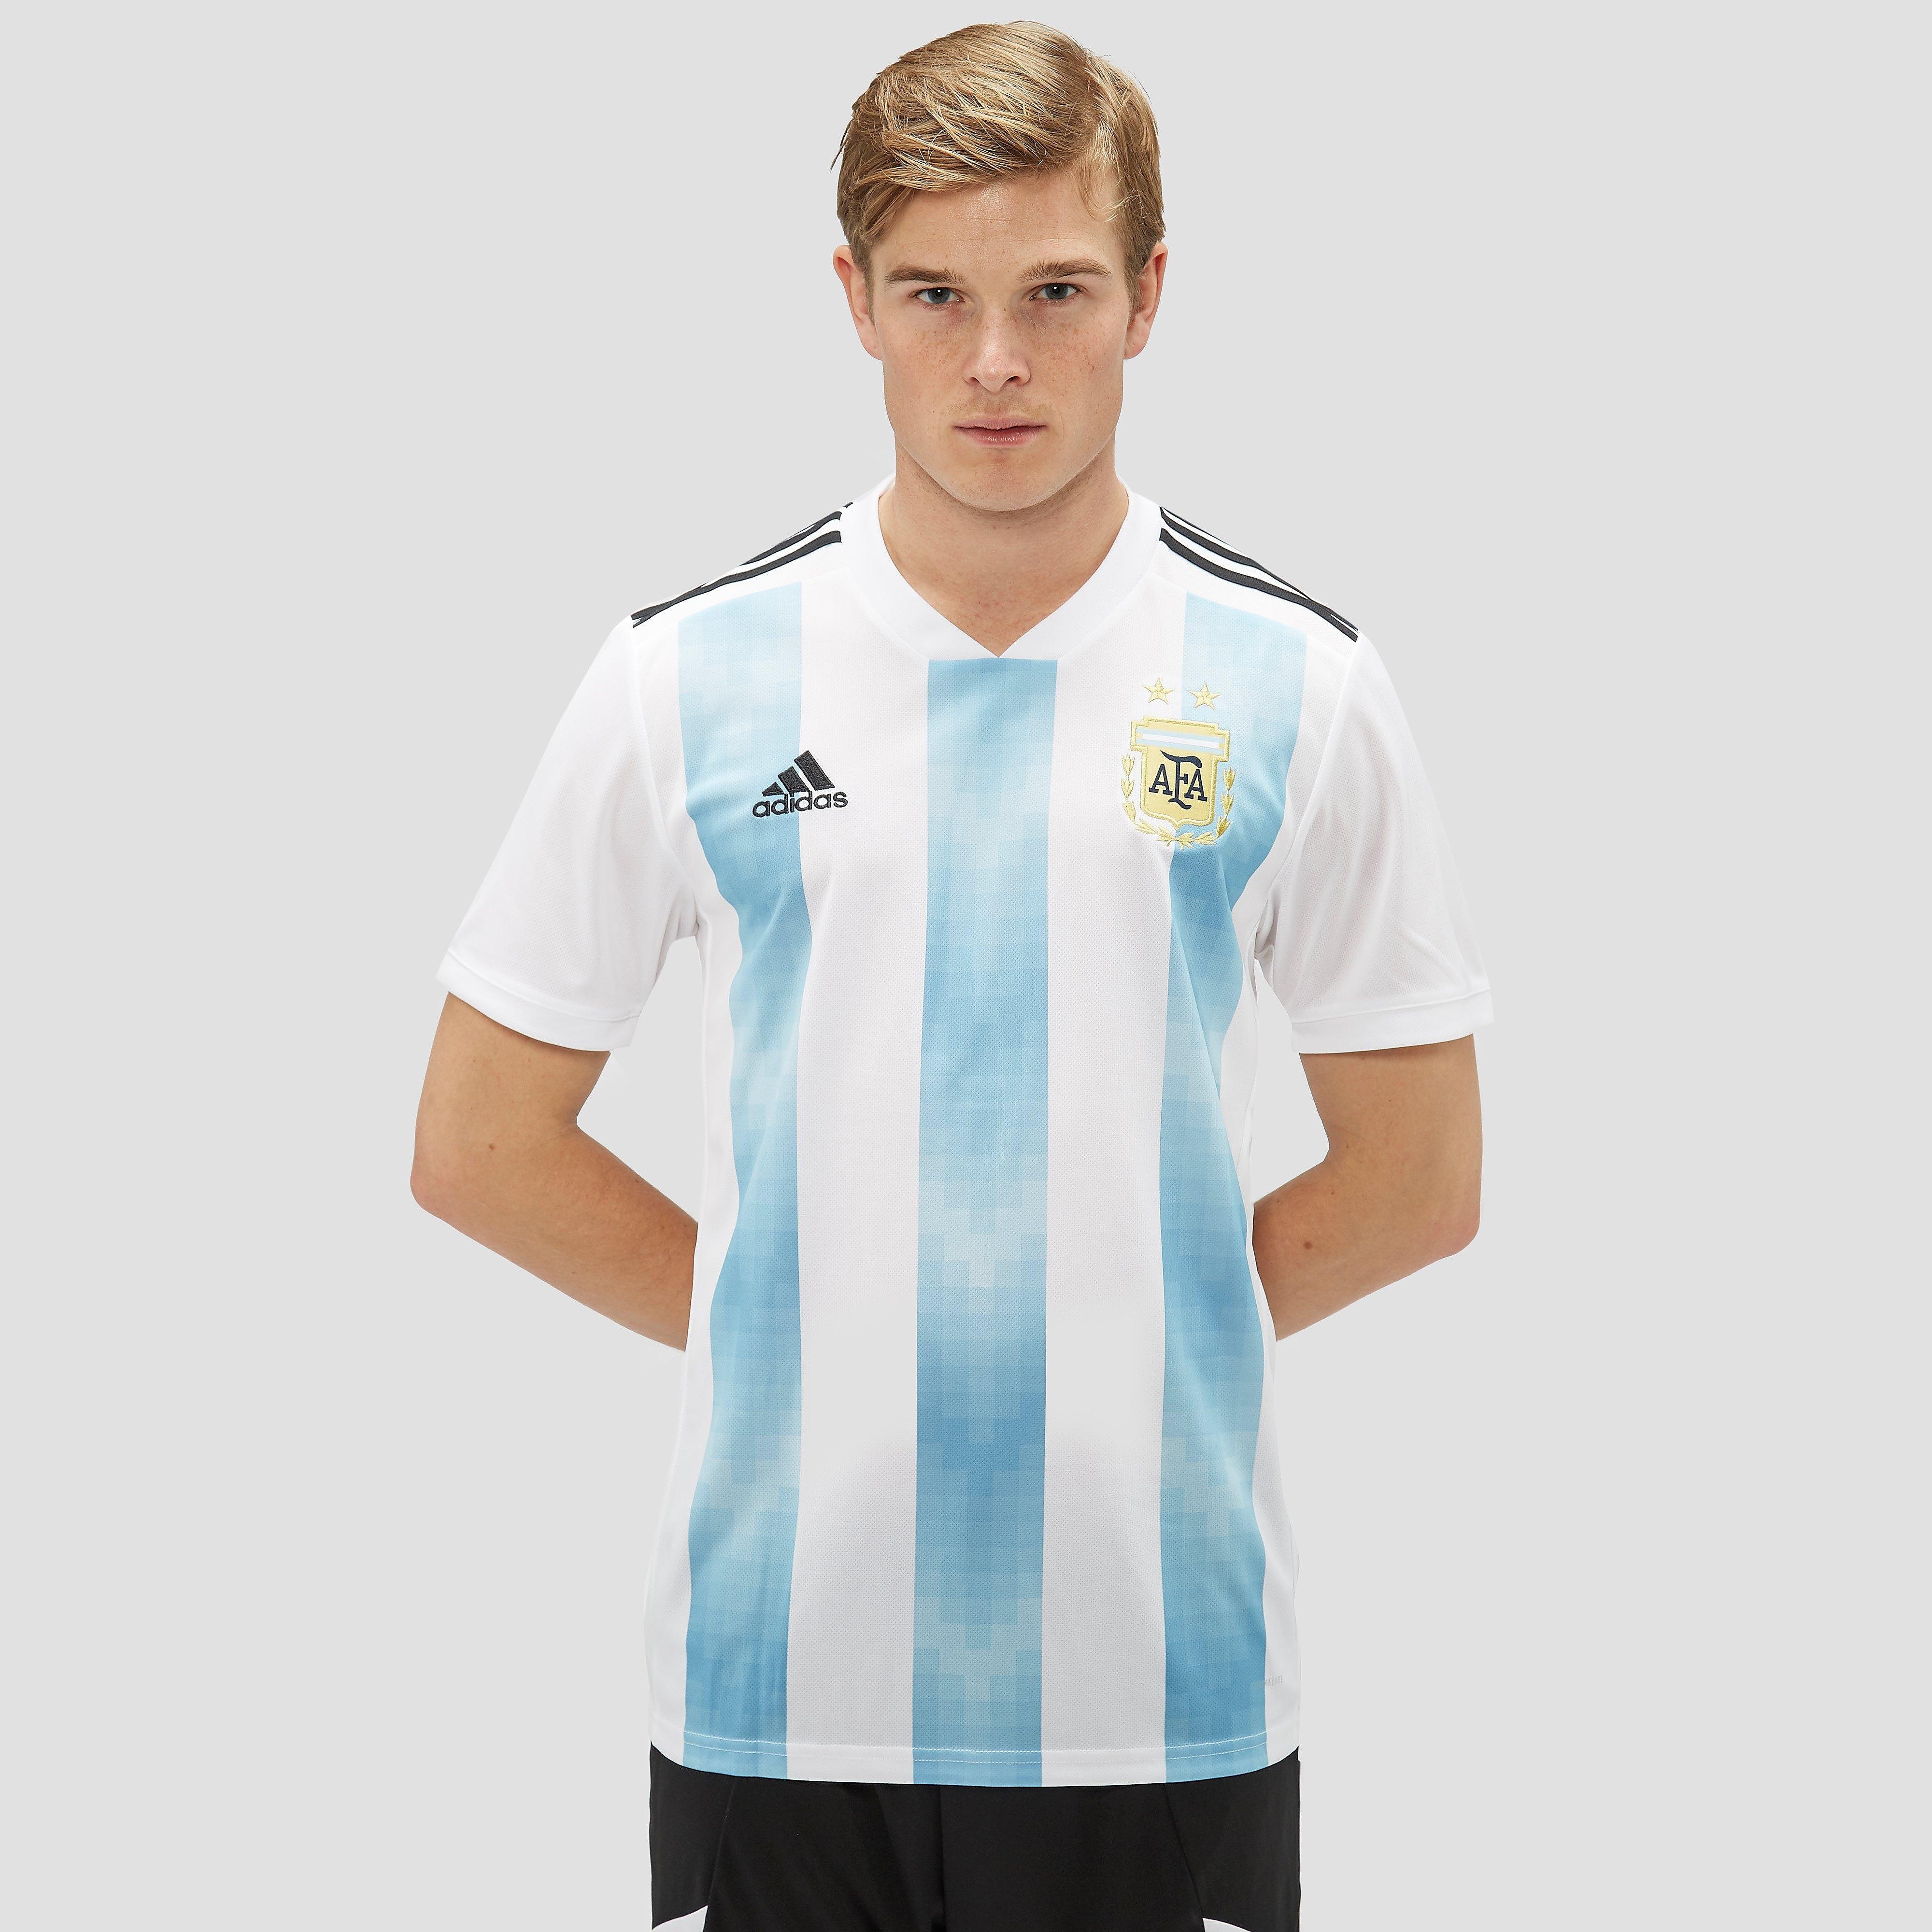 ADIDAS ARGENTINIË THUISSHIRT WIT/BLAUW HEREN